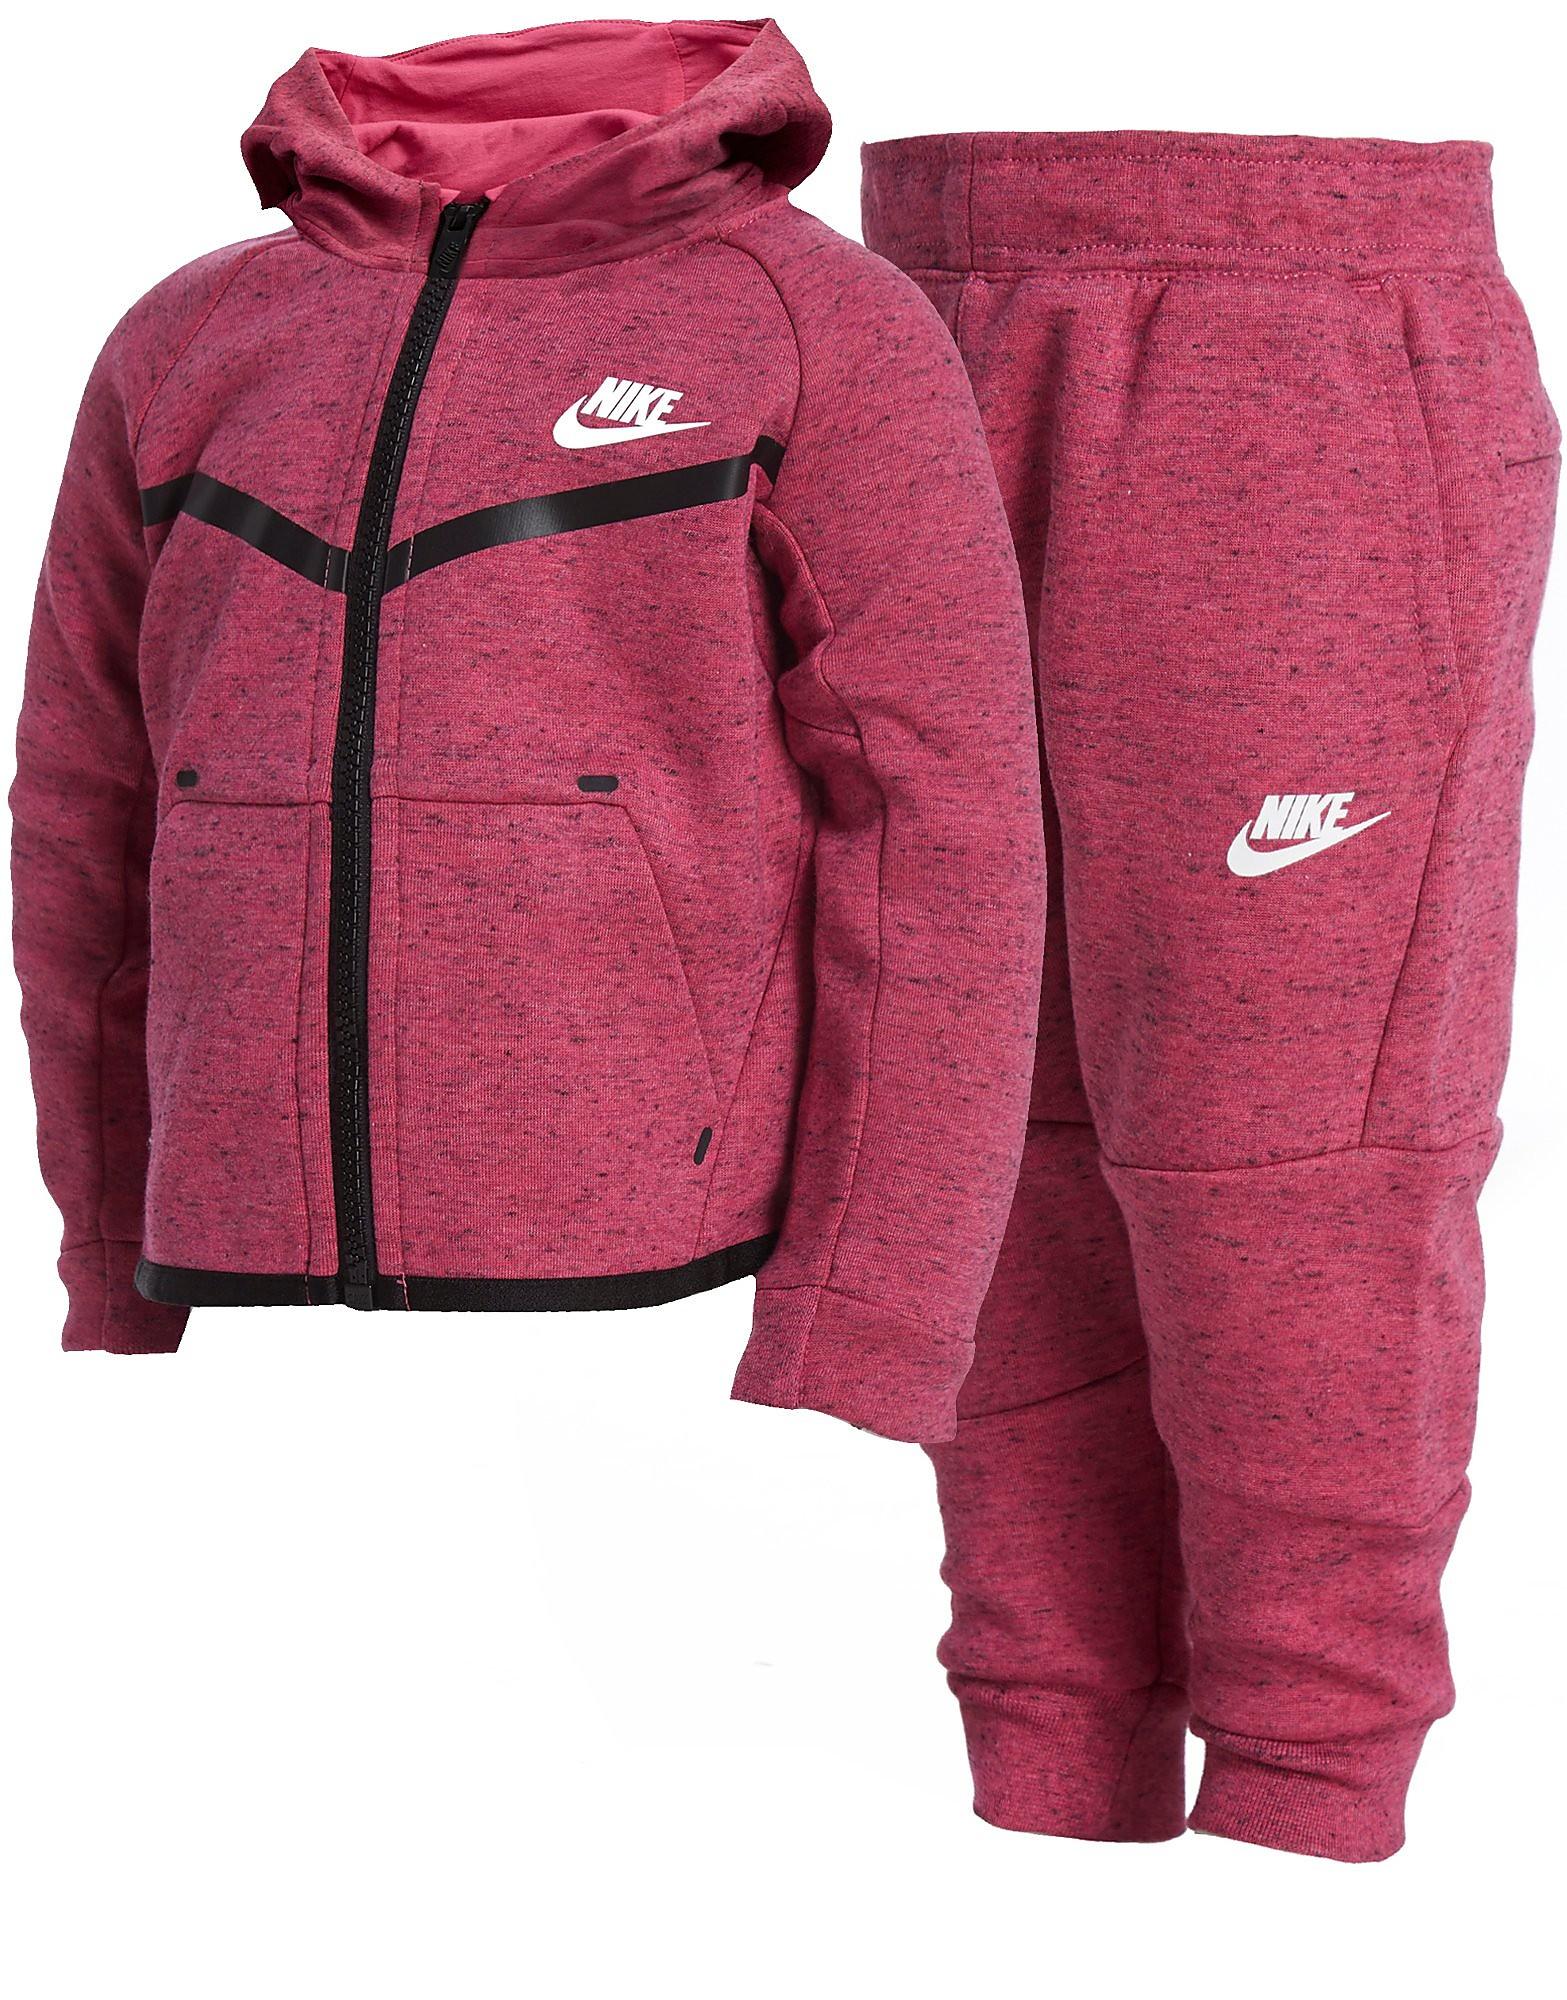 Nike Completino in maglia tech per bambina